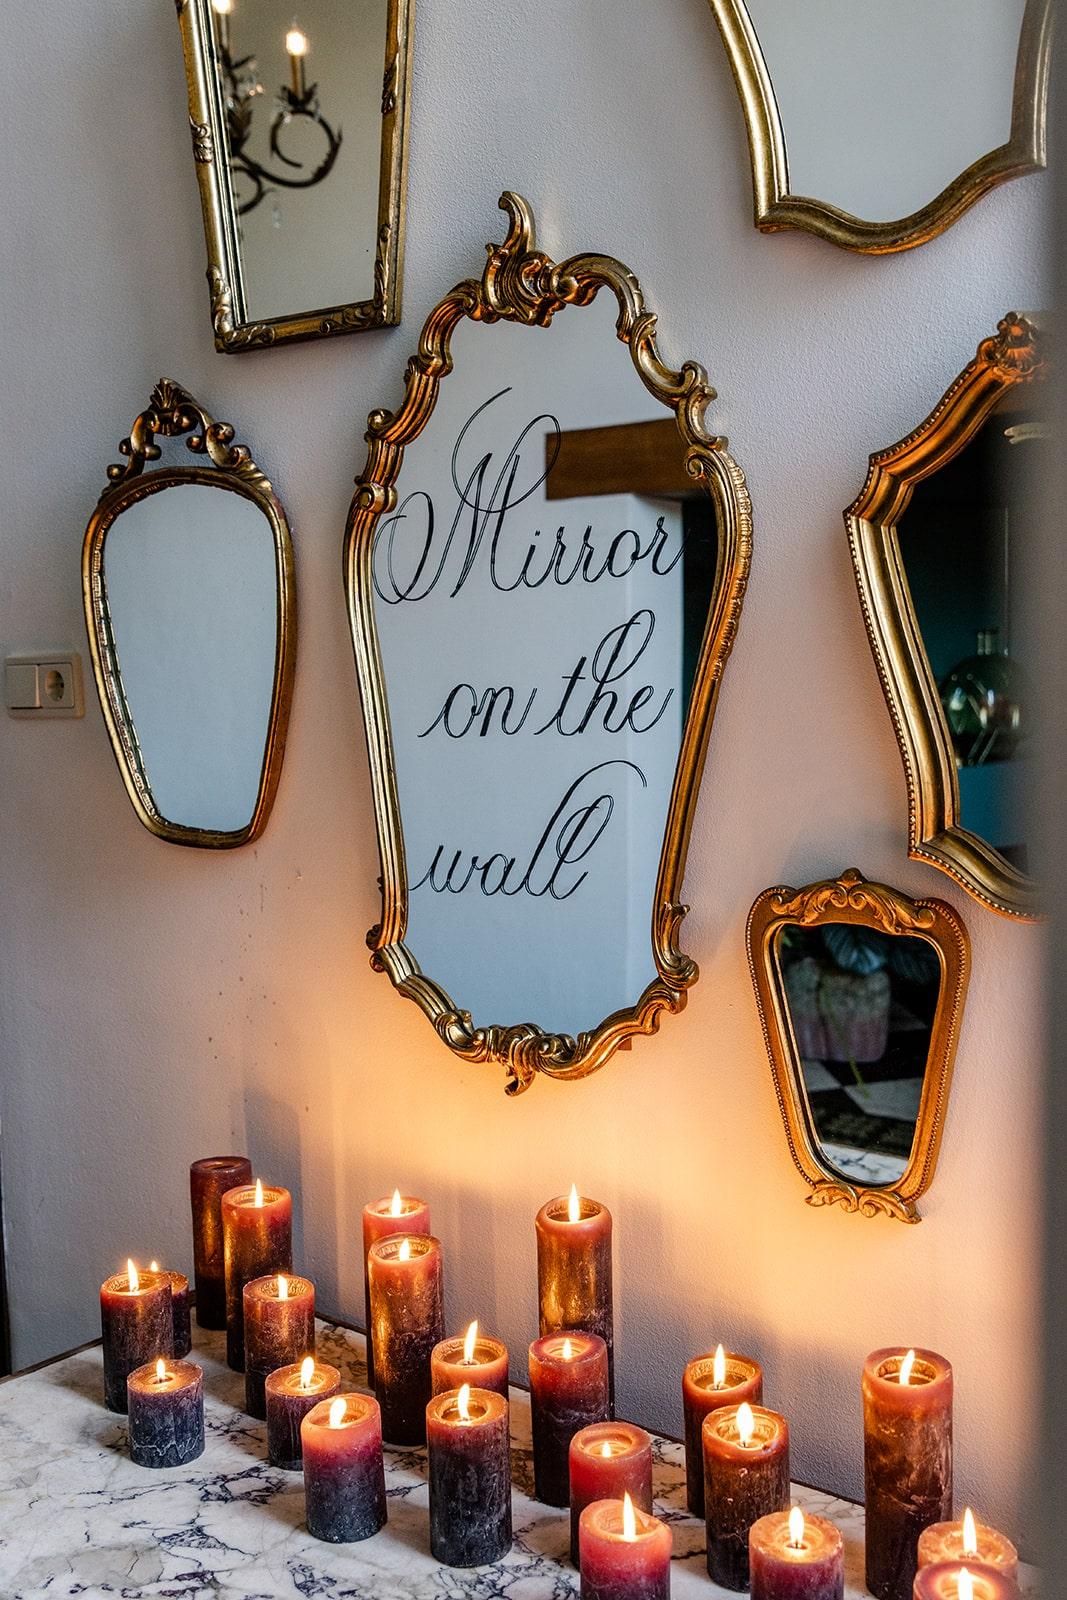 kalligrafie op spiegel